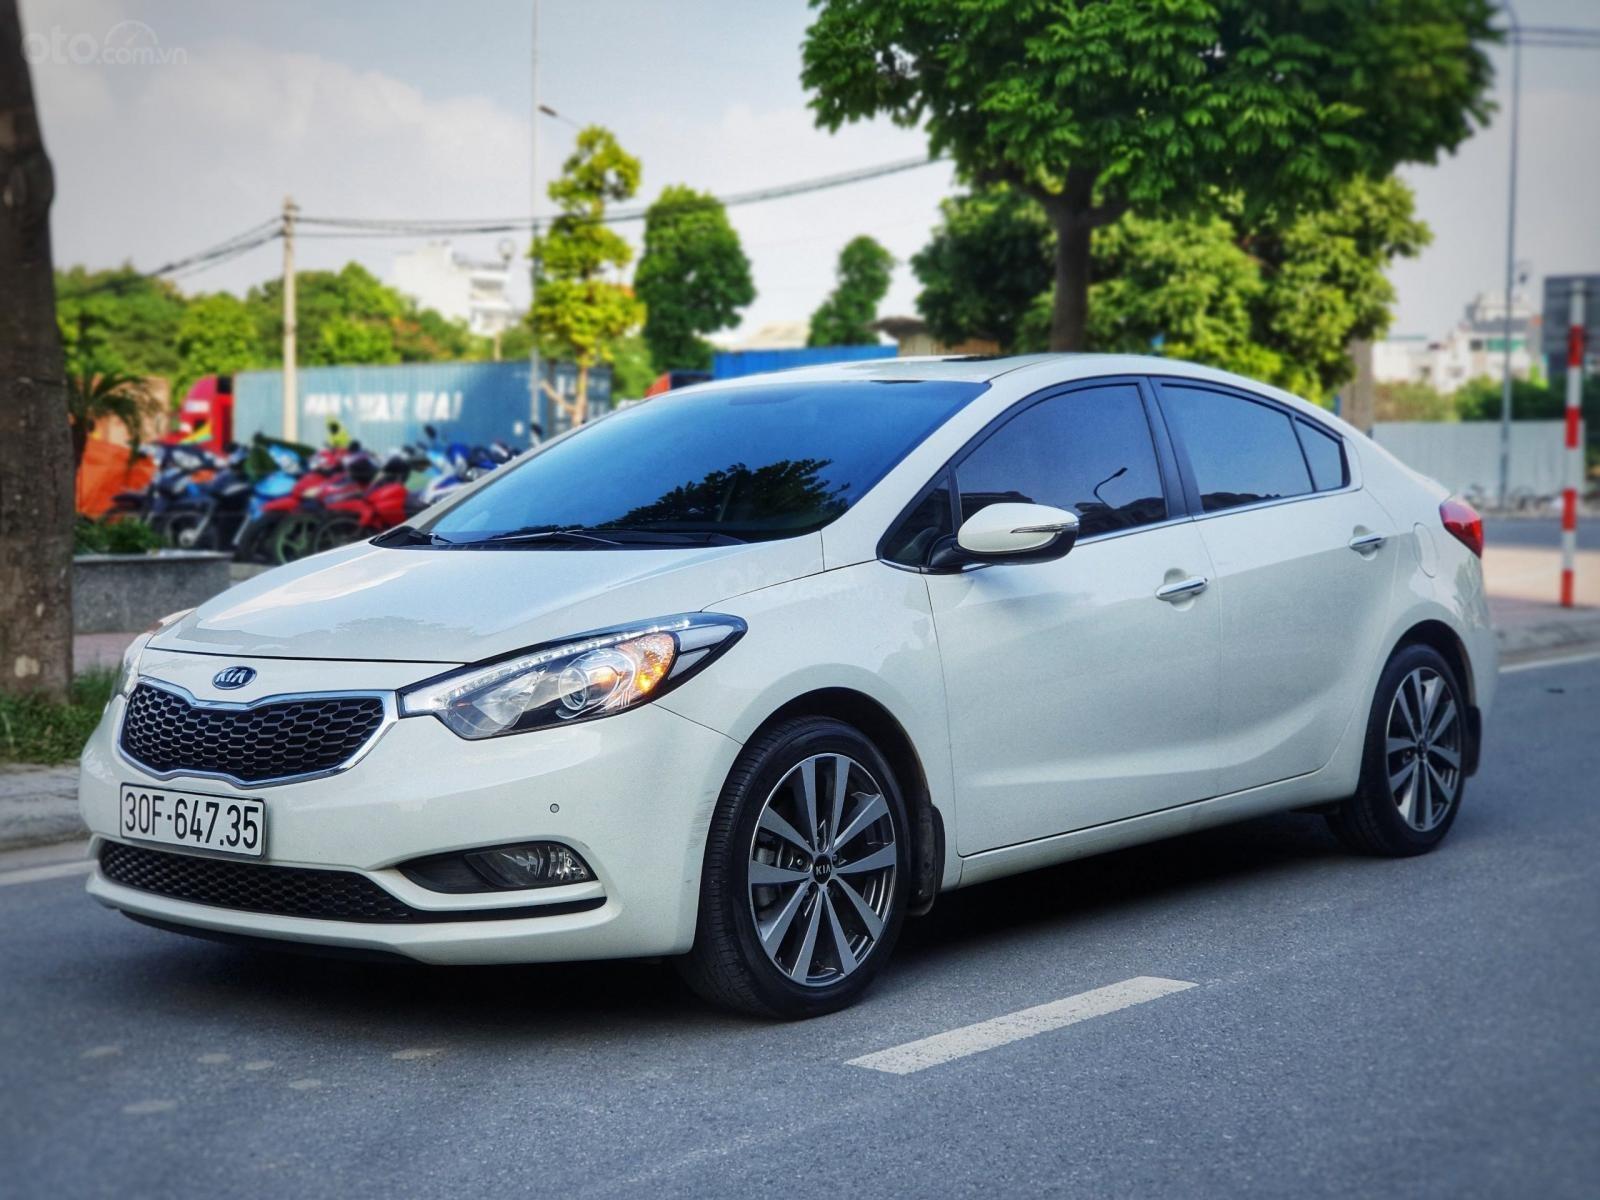 Cần bán lại xe Kia K3 2.0 2014, màu trắng, chất lượng đã được kiểm định (2)